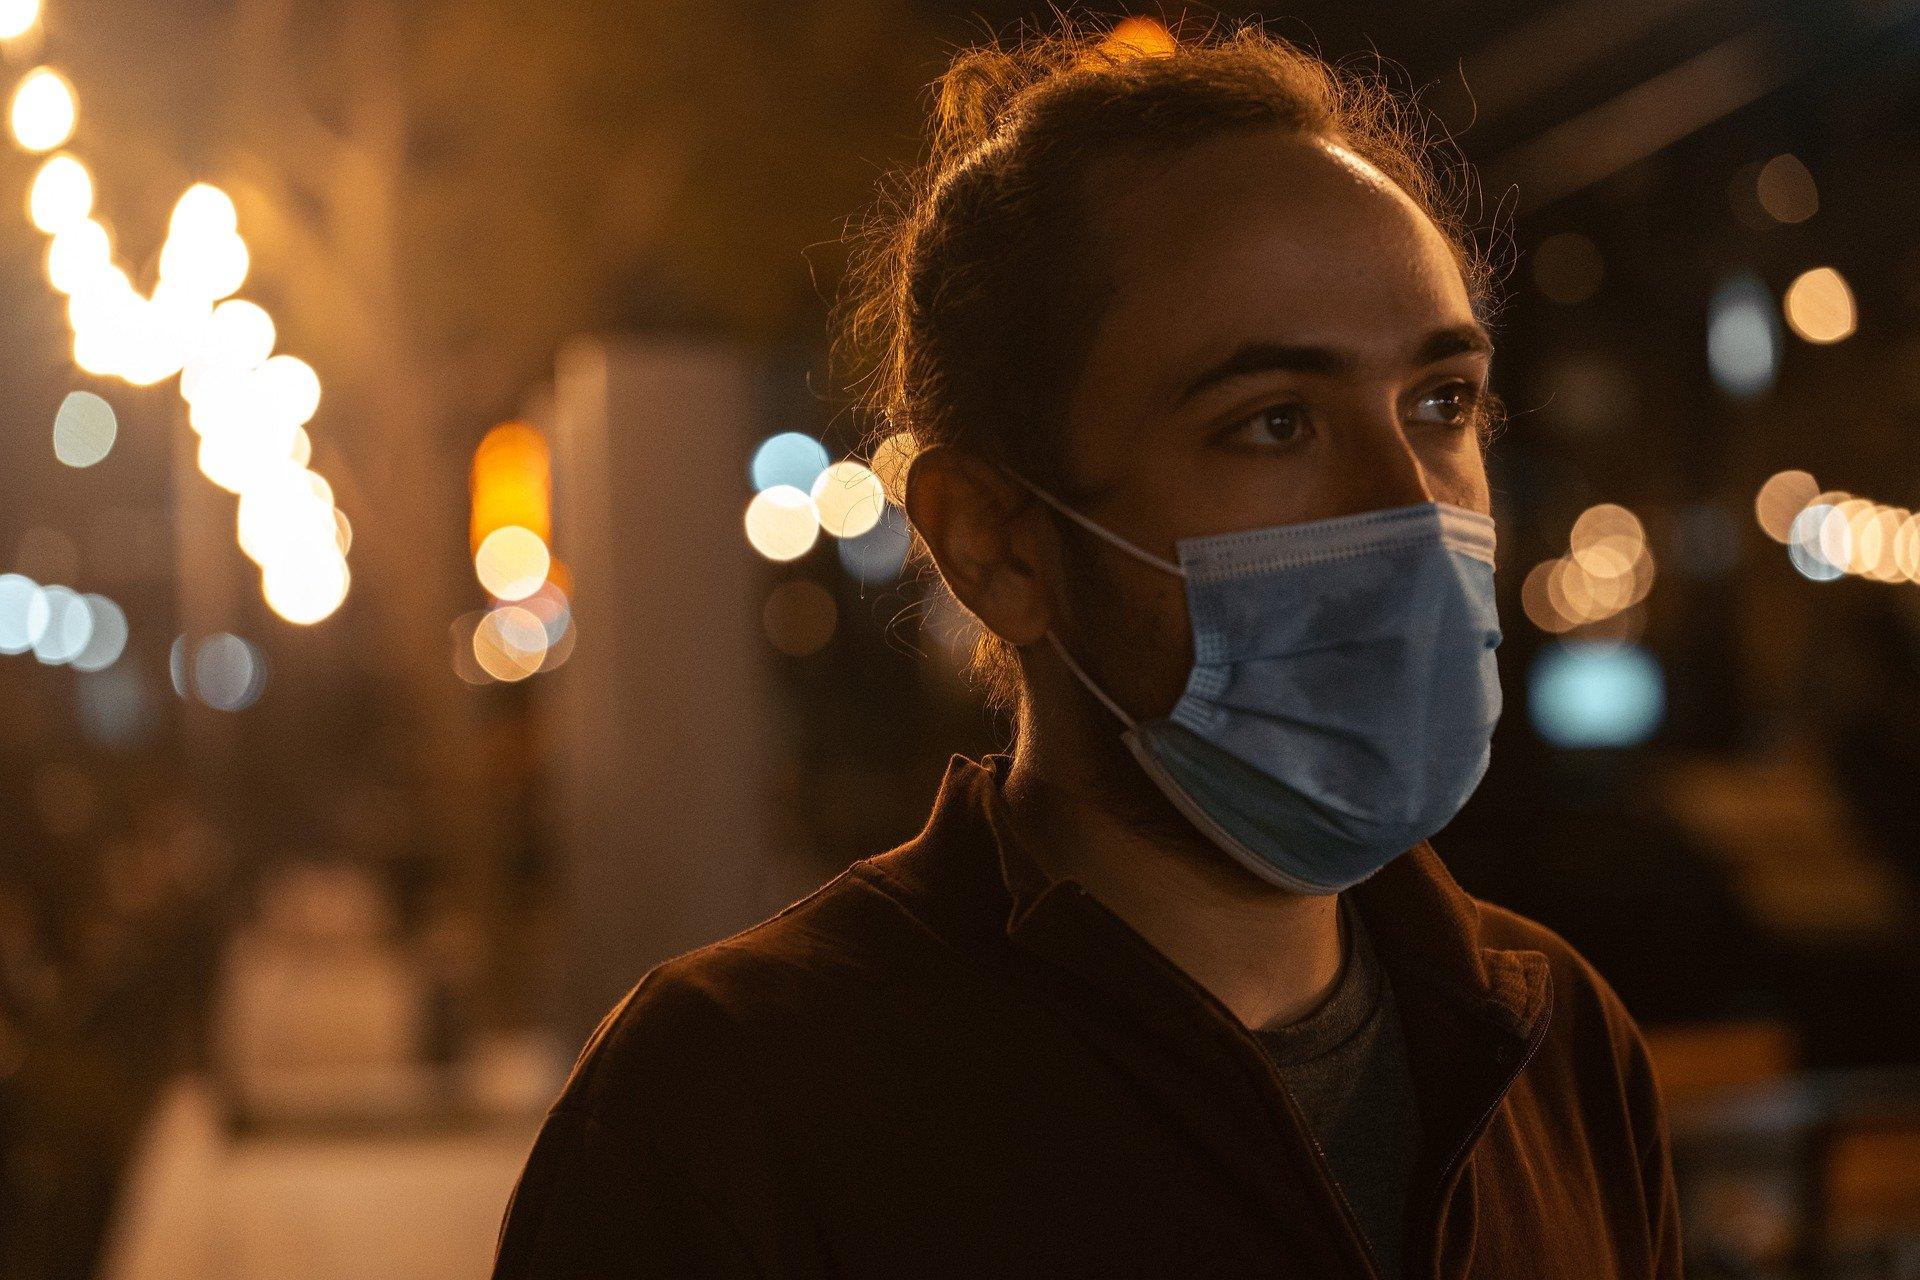 Corona Krise: Wie aus der Not eine Tugend machen